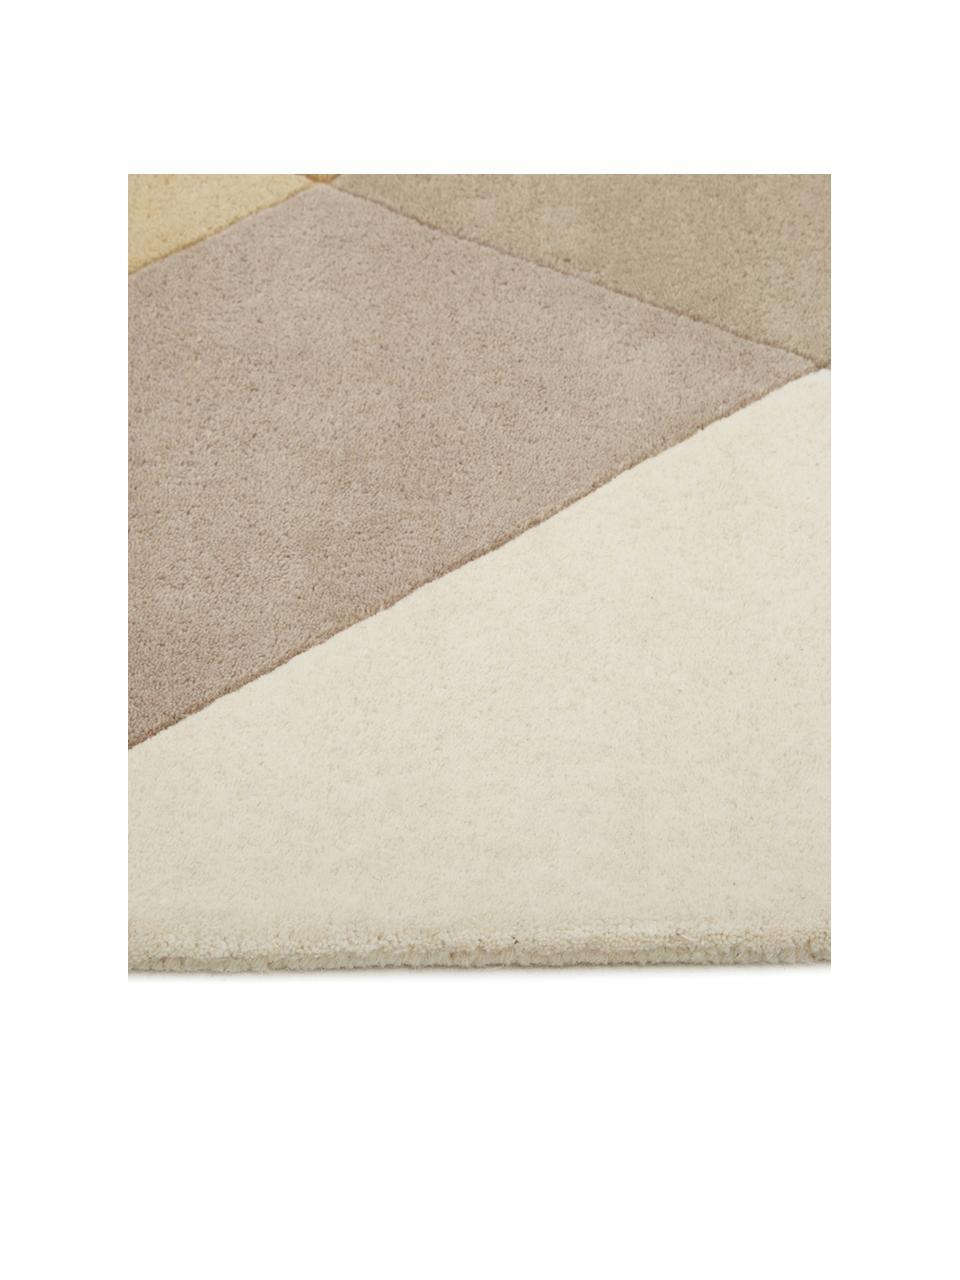 Ręcznie tuftowany dywan z wełny  Freya, Musztardowy, beżowy, szary, brązowy, S 200 x D 300 cm